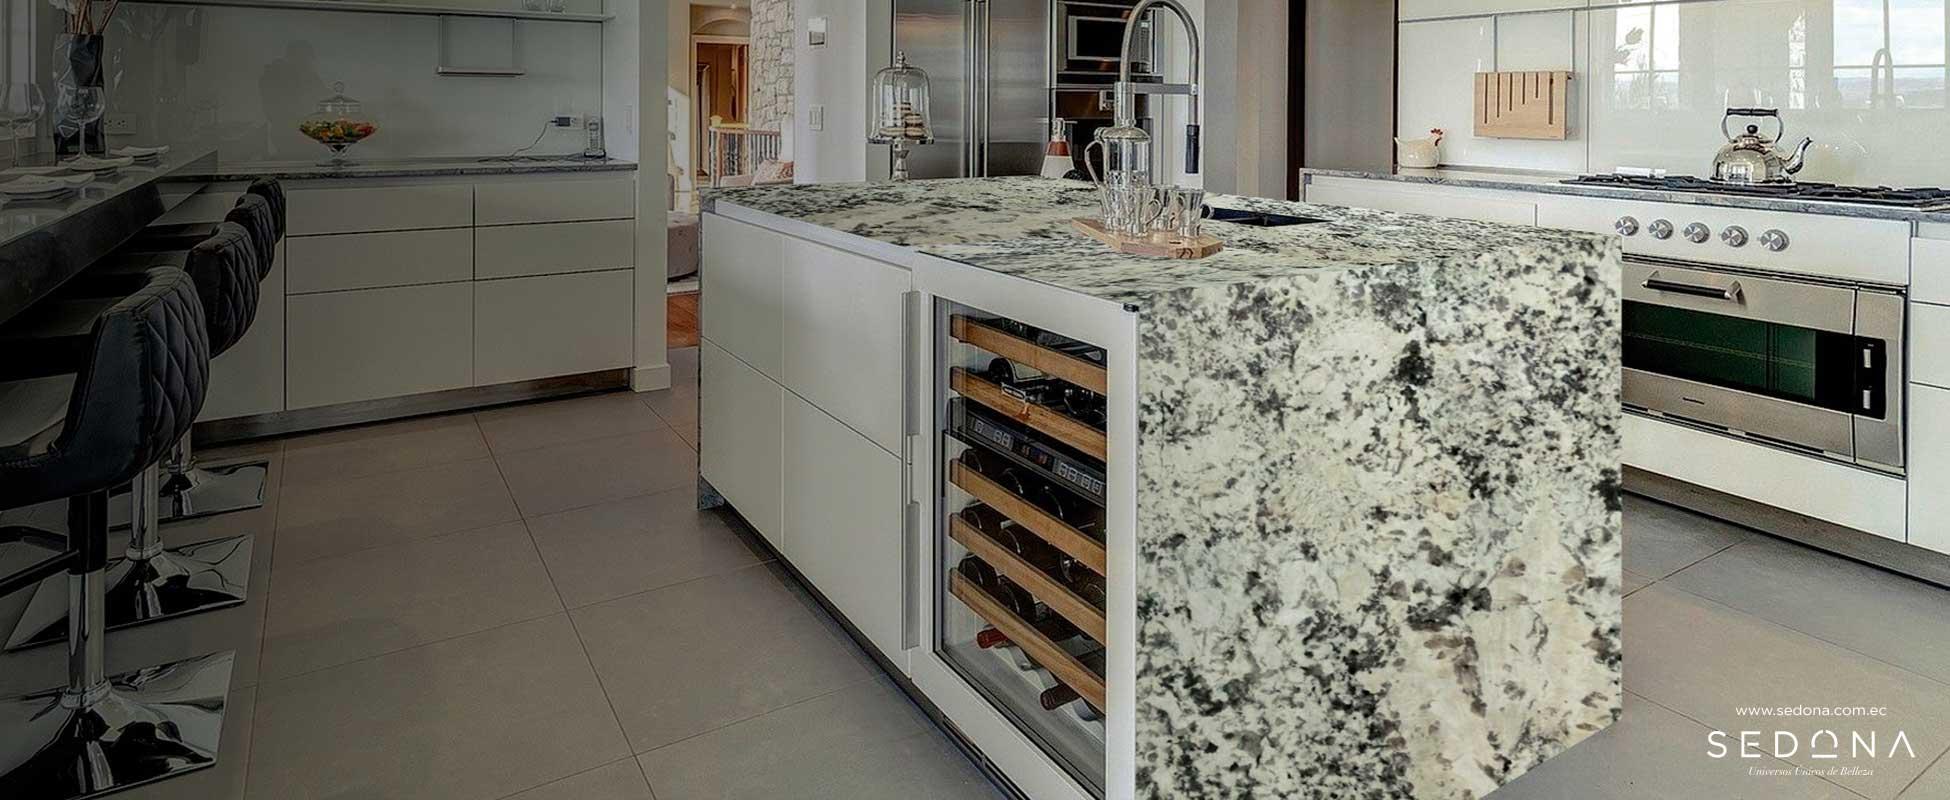 Granito cartier sedona importador directo granitos for Porcelanato color marmol